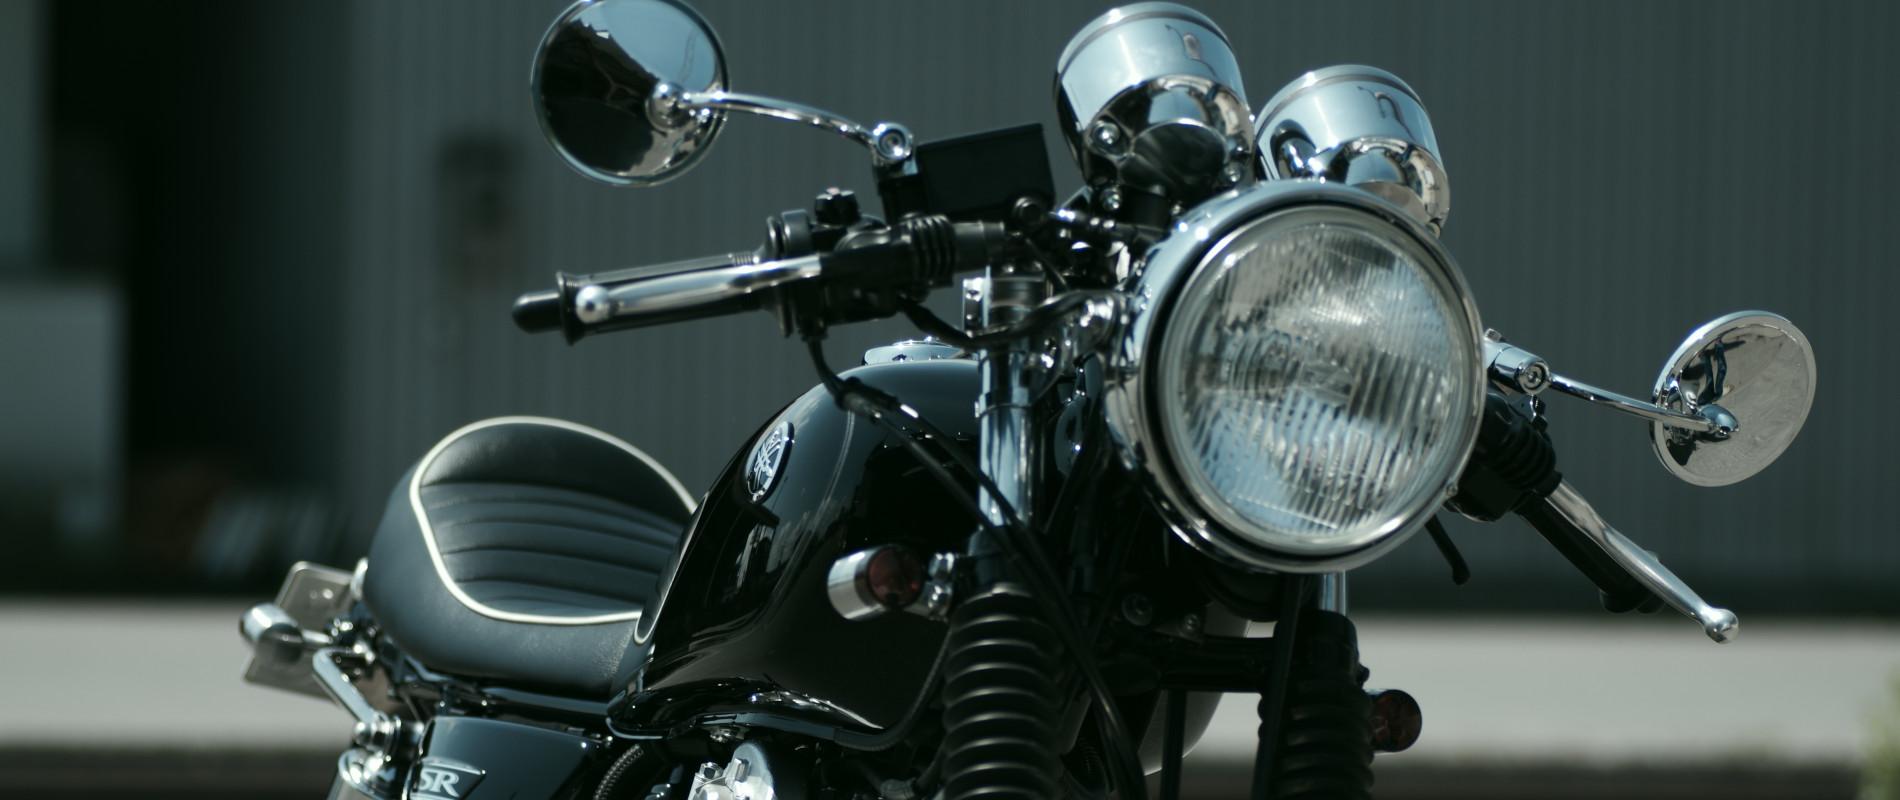 清水輪業バイク部門